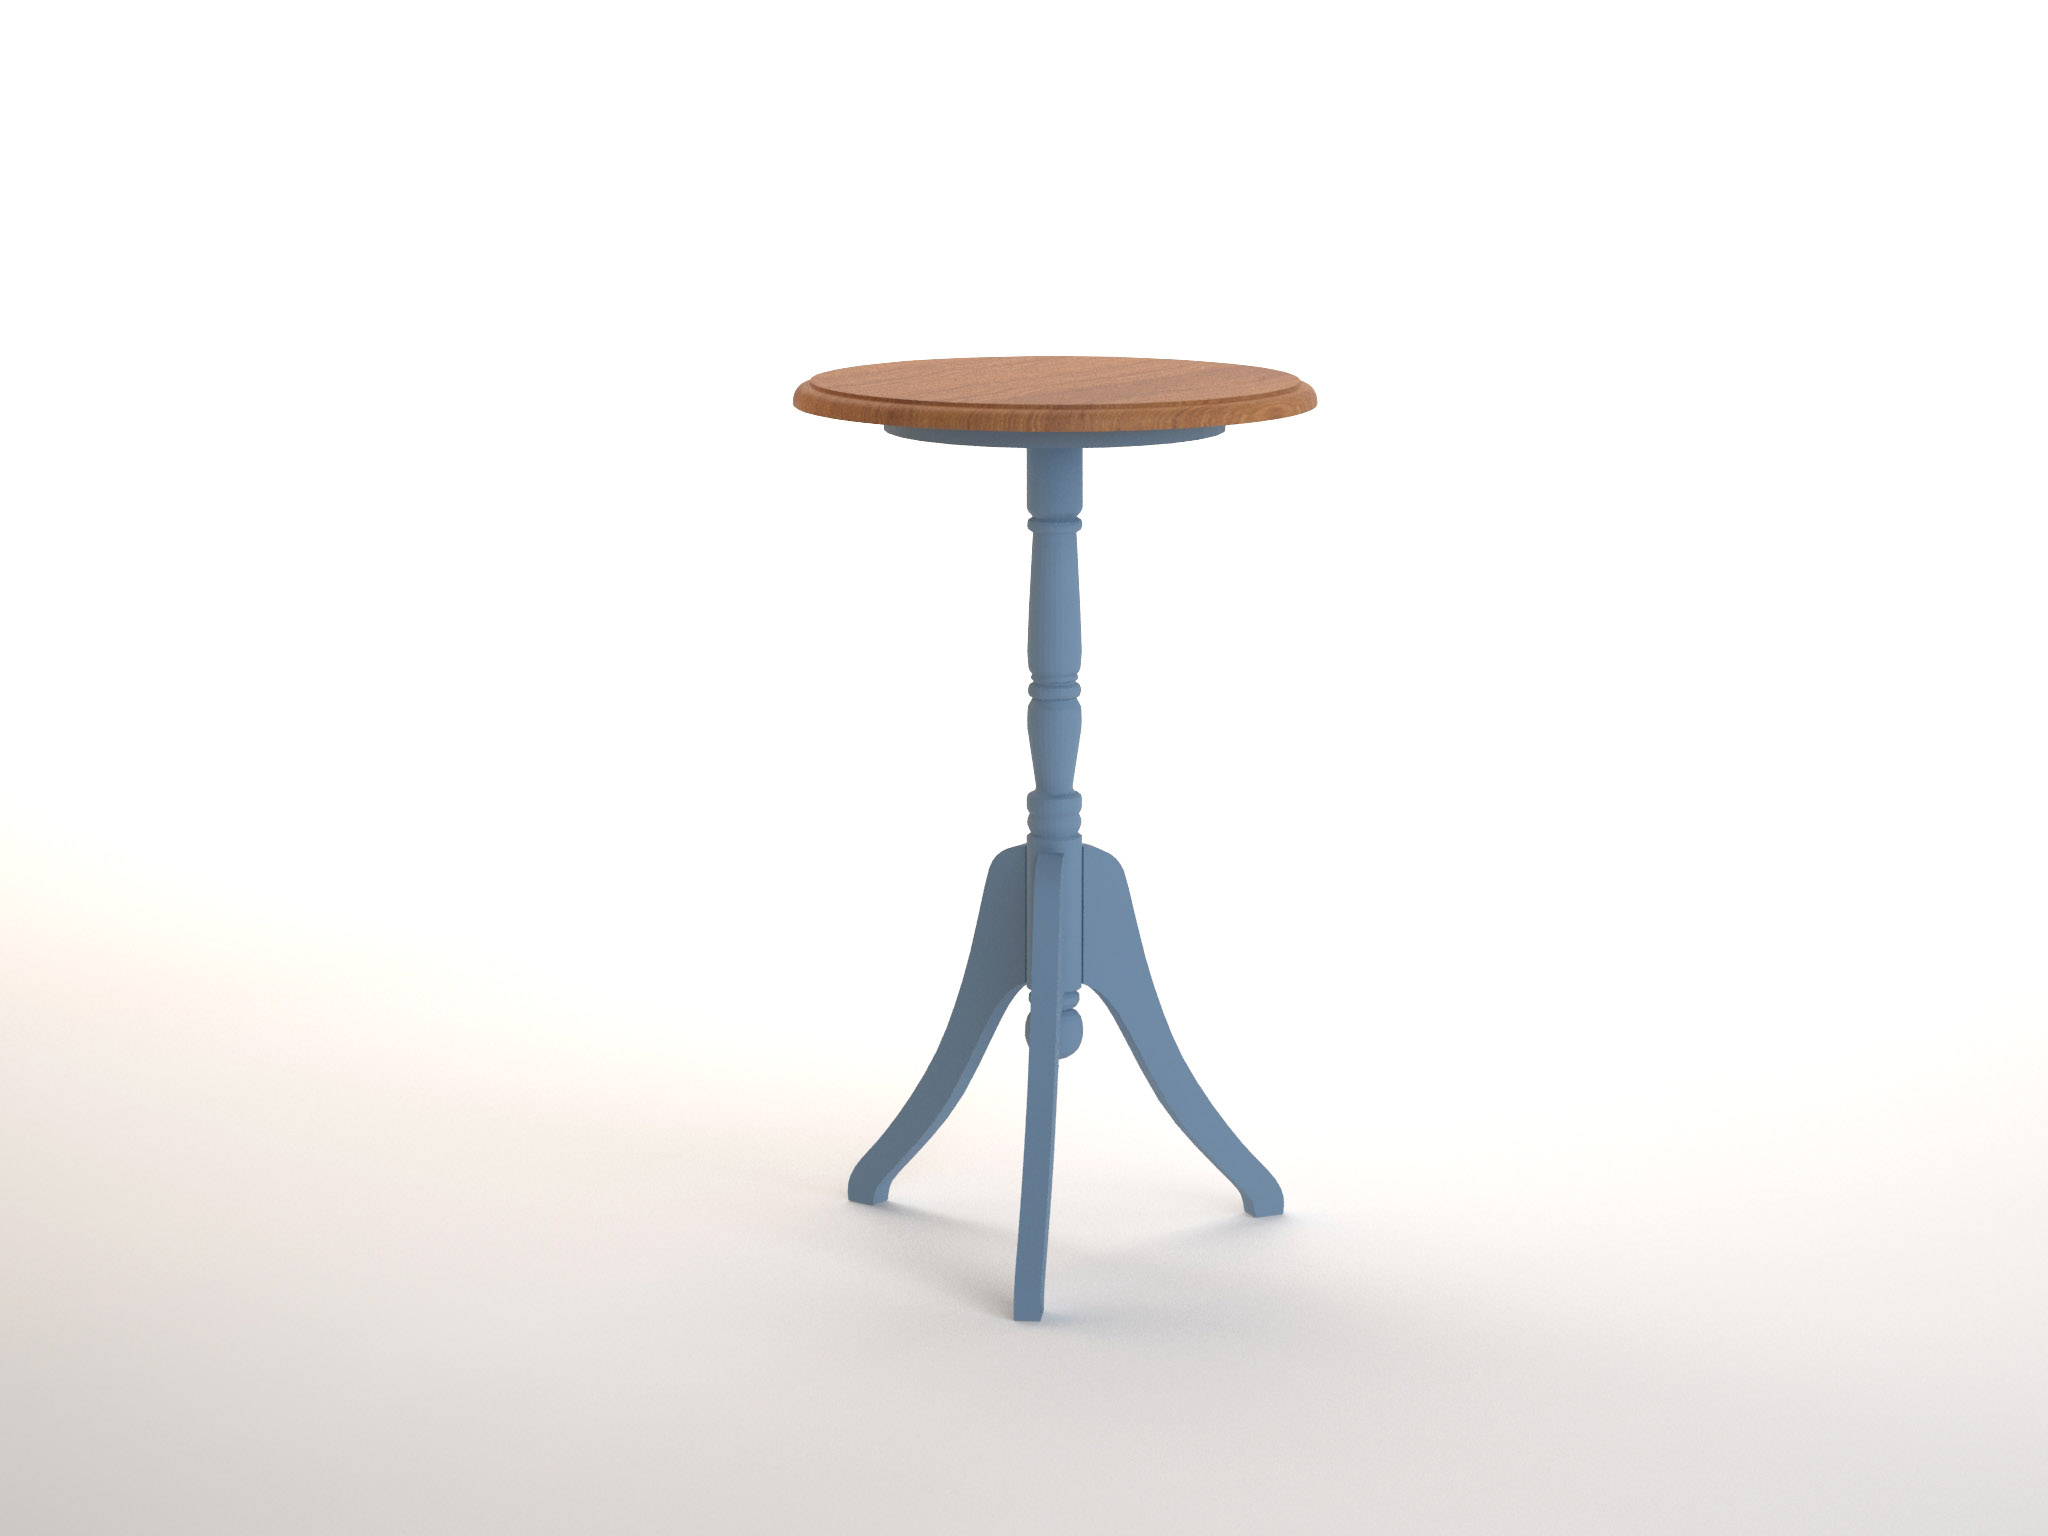 Сервировочный столик Etg-Home 15442409 от thefurnish